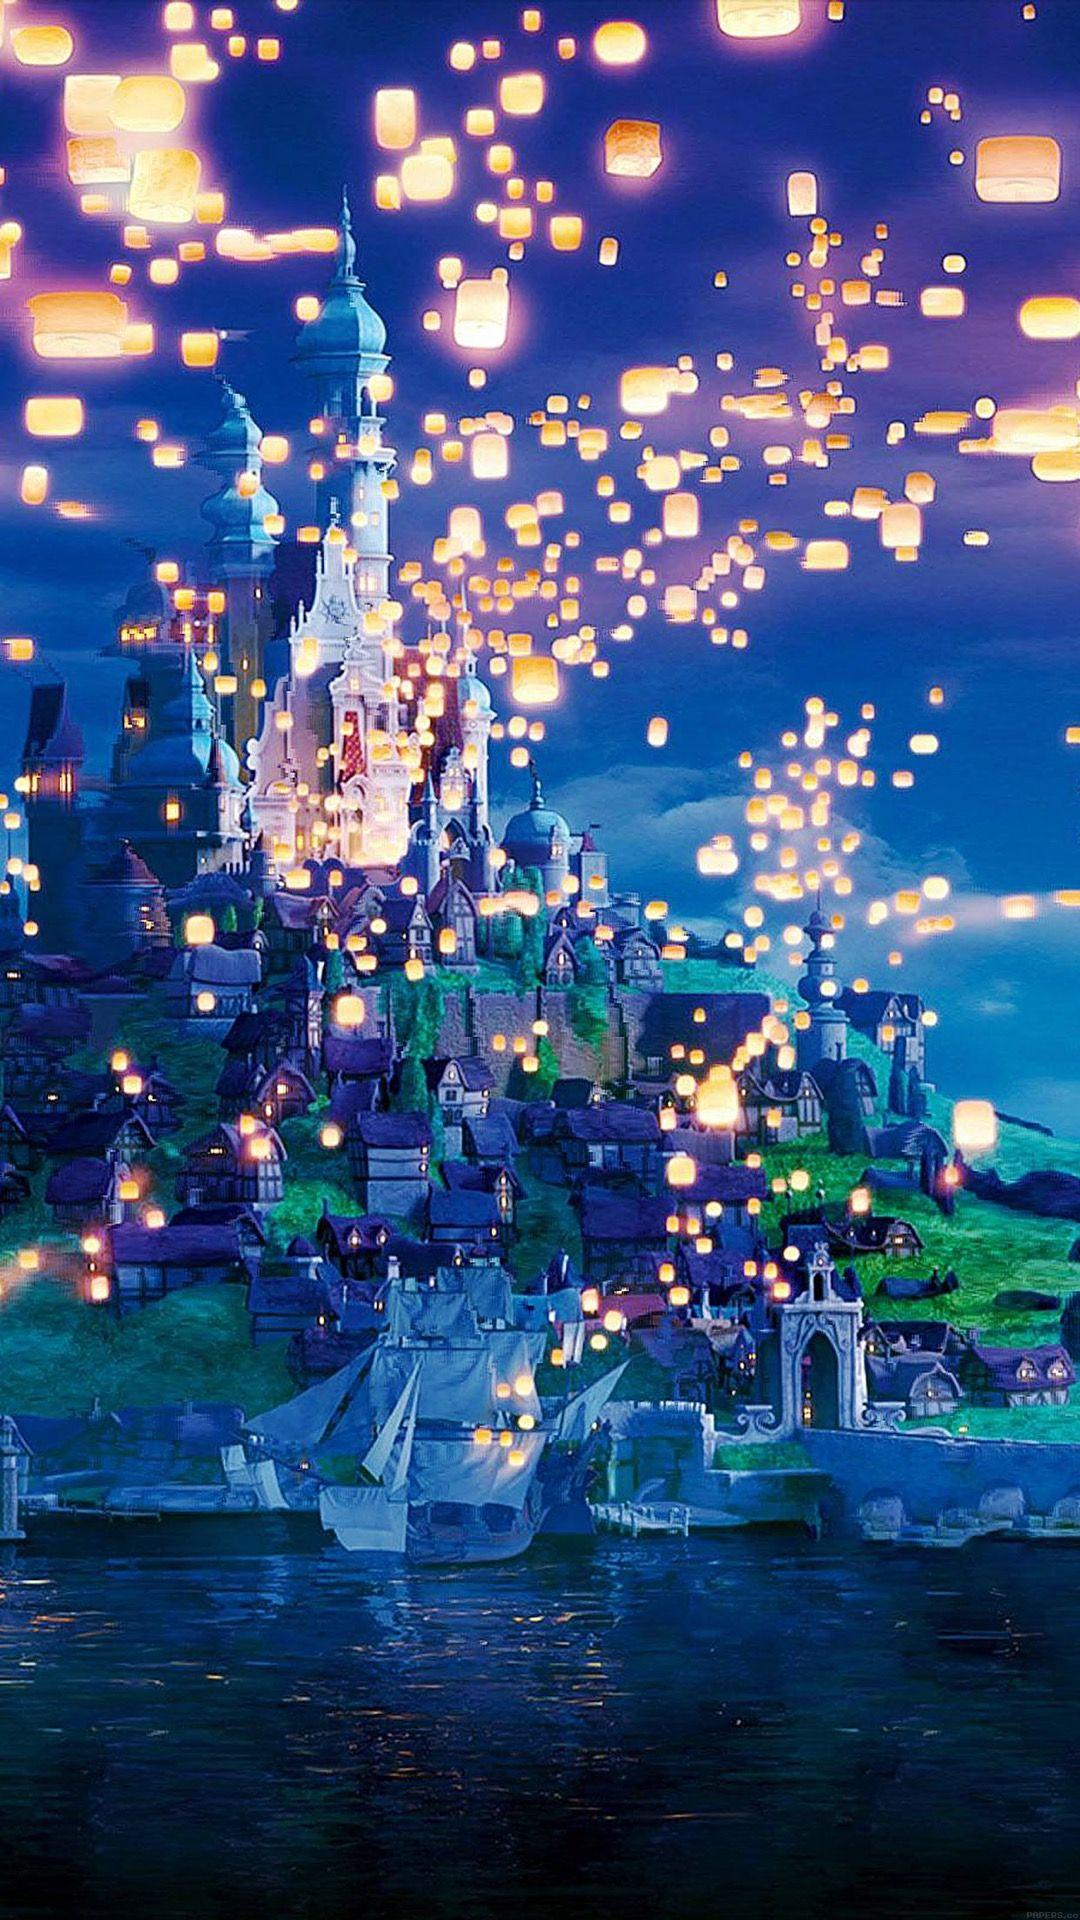 人気60位 ラプンツェル ディズニーの携帯電話の壁紙 ディズニー